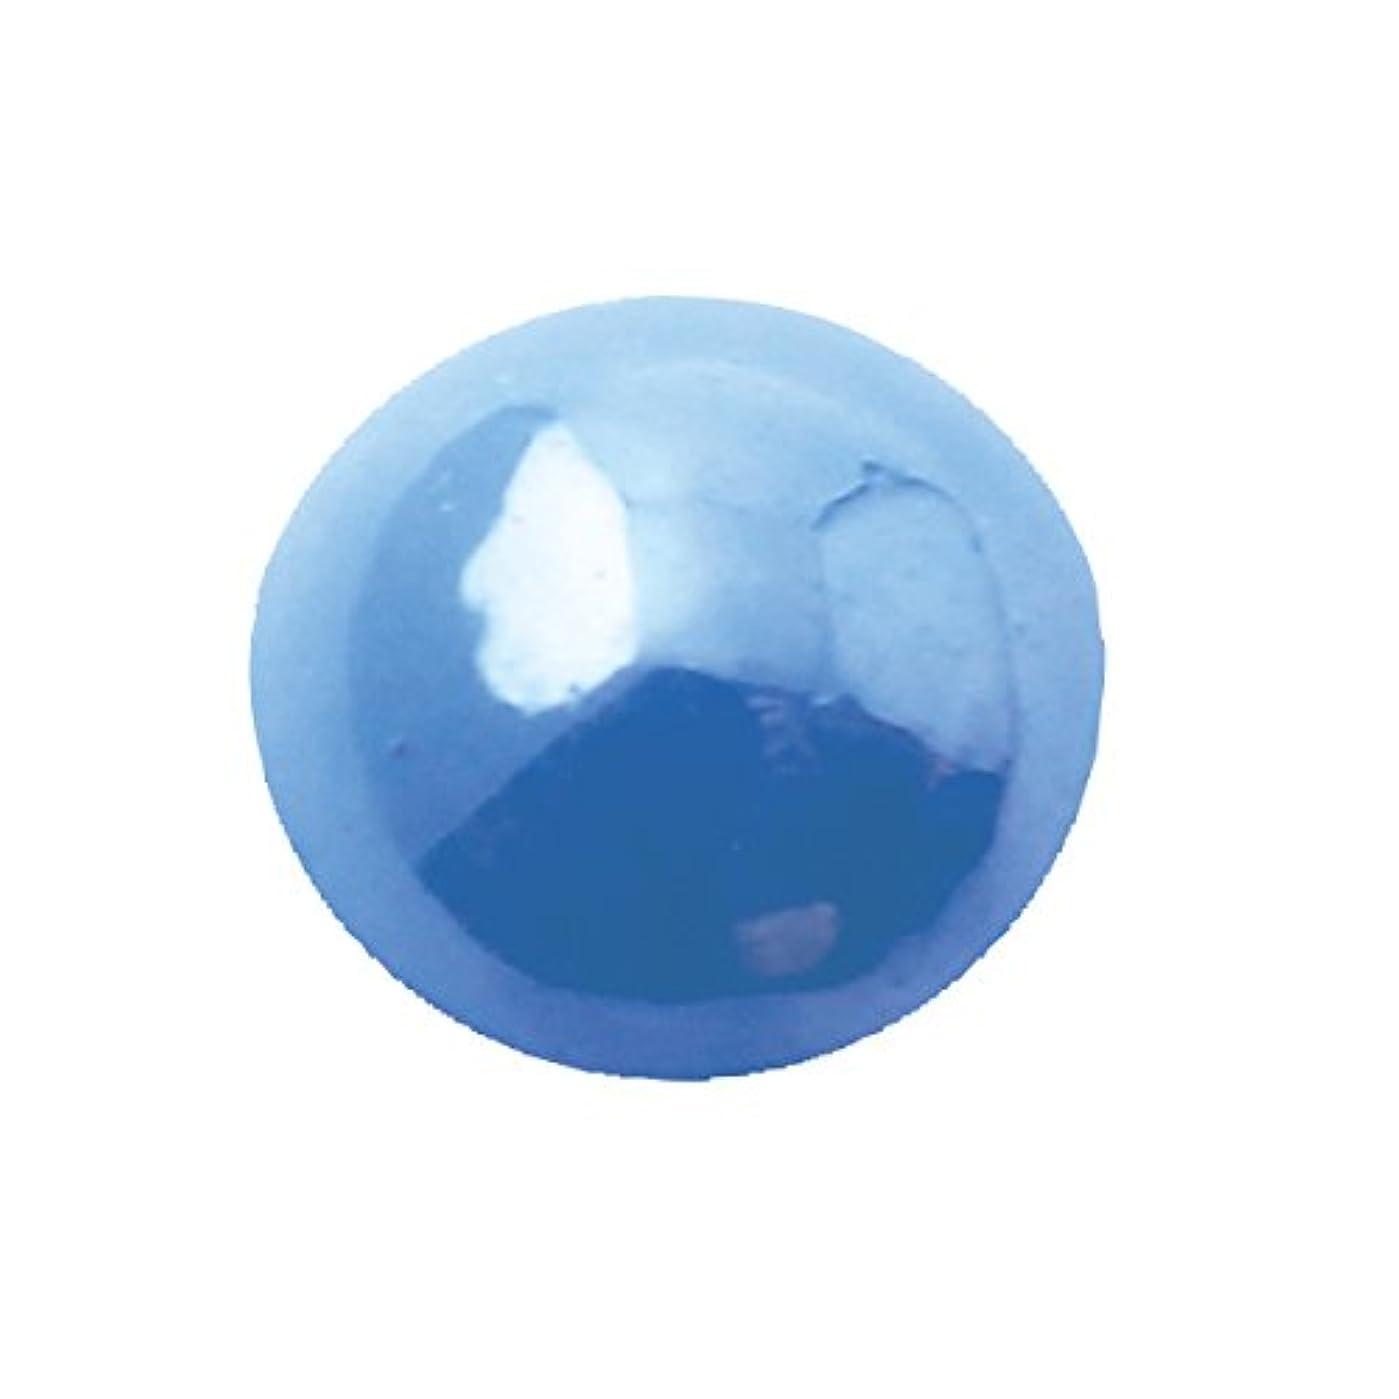 コンパクト抹消展開するグラスパールラウンド 5mm(各30個) ブルー